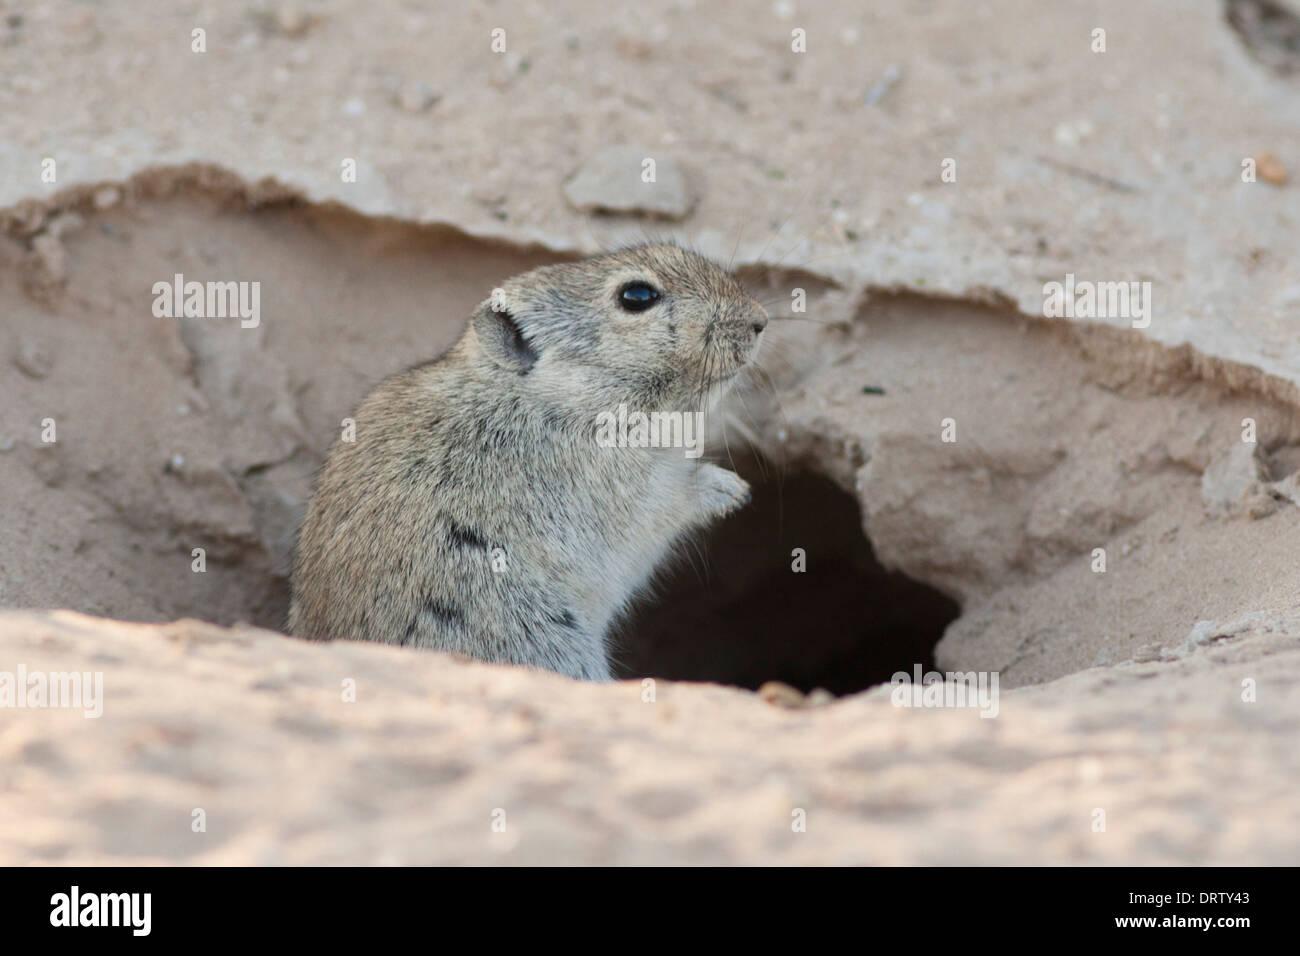 Brants's Whistling Rat in the Kalahari desert - Stock Image